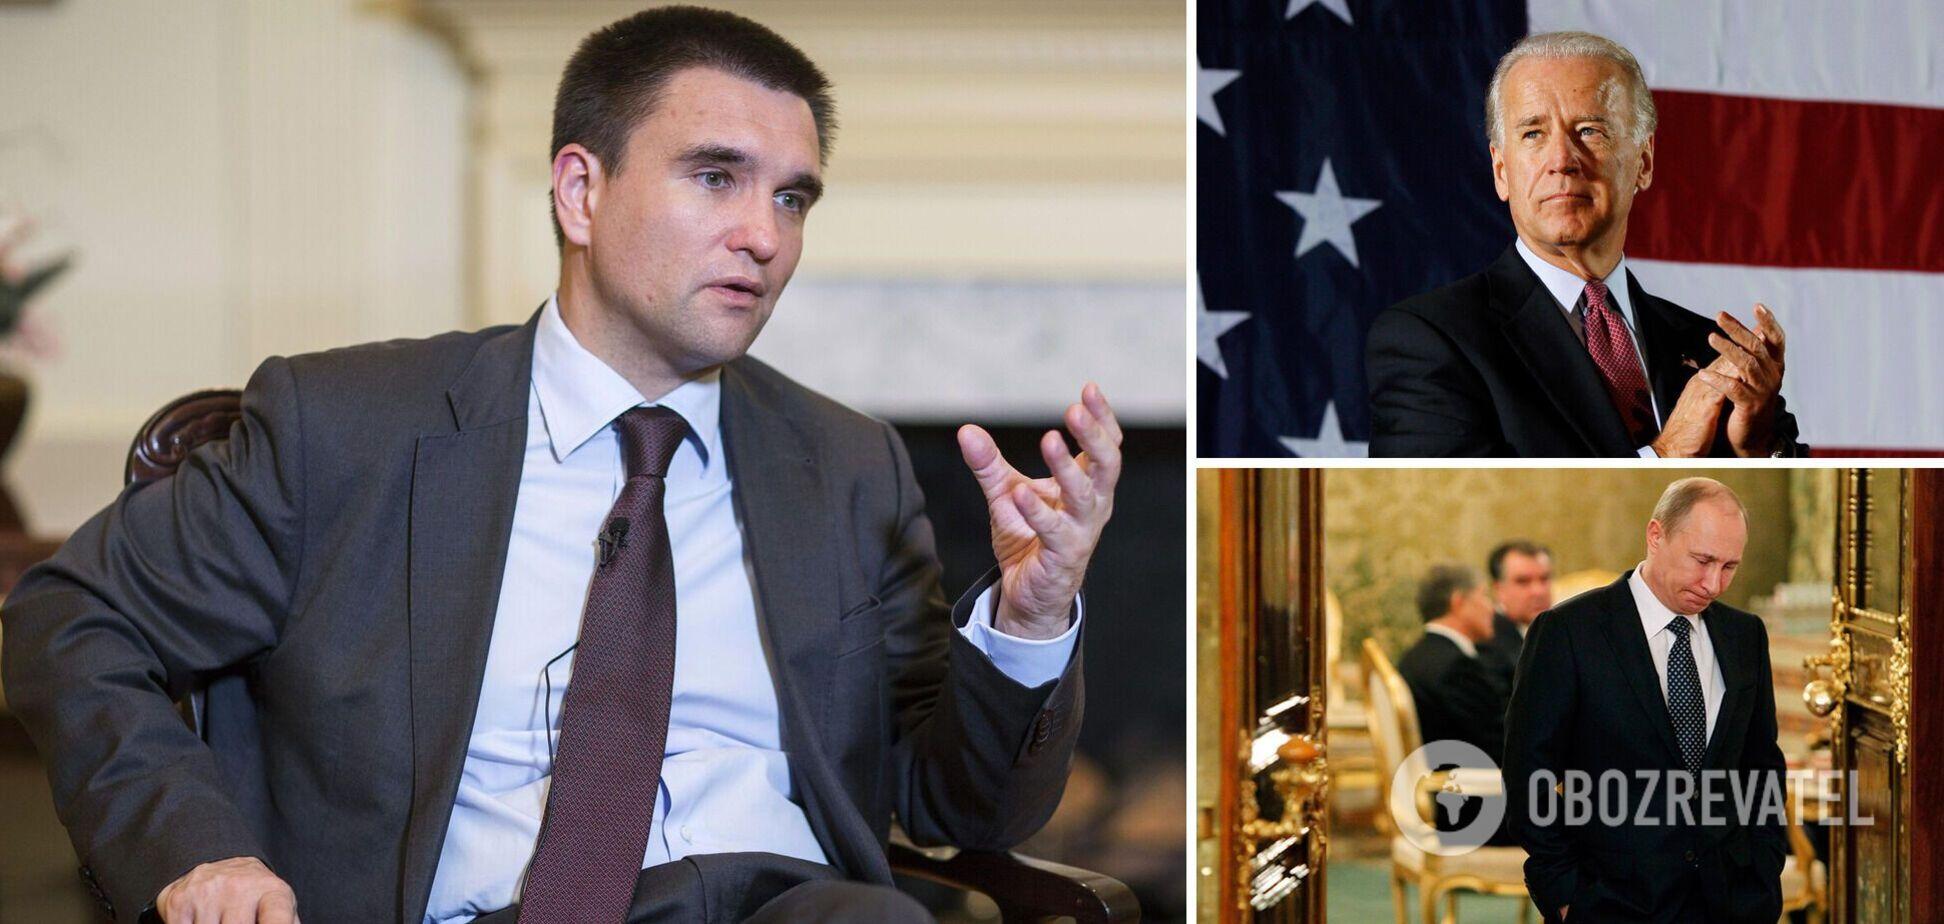 Клімкін: Байден перезавантажуватиме режим Путіна, Україні загрожує небезпека